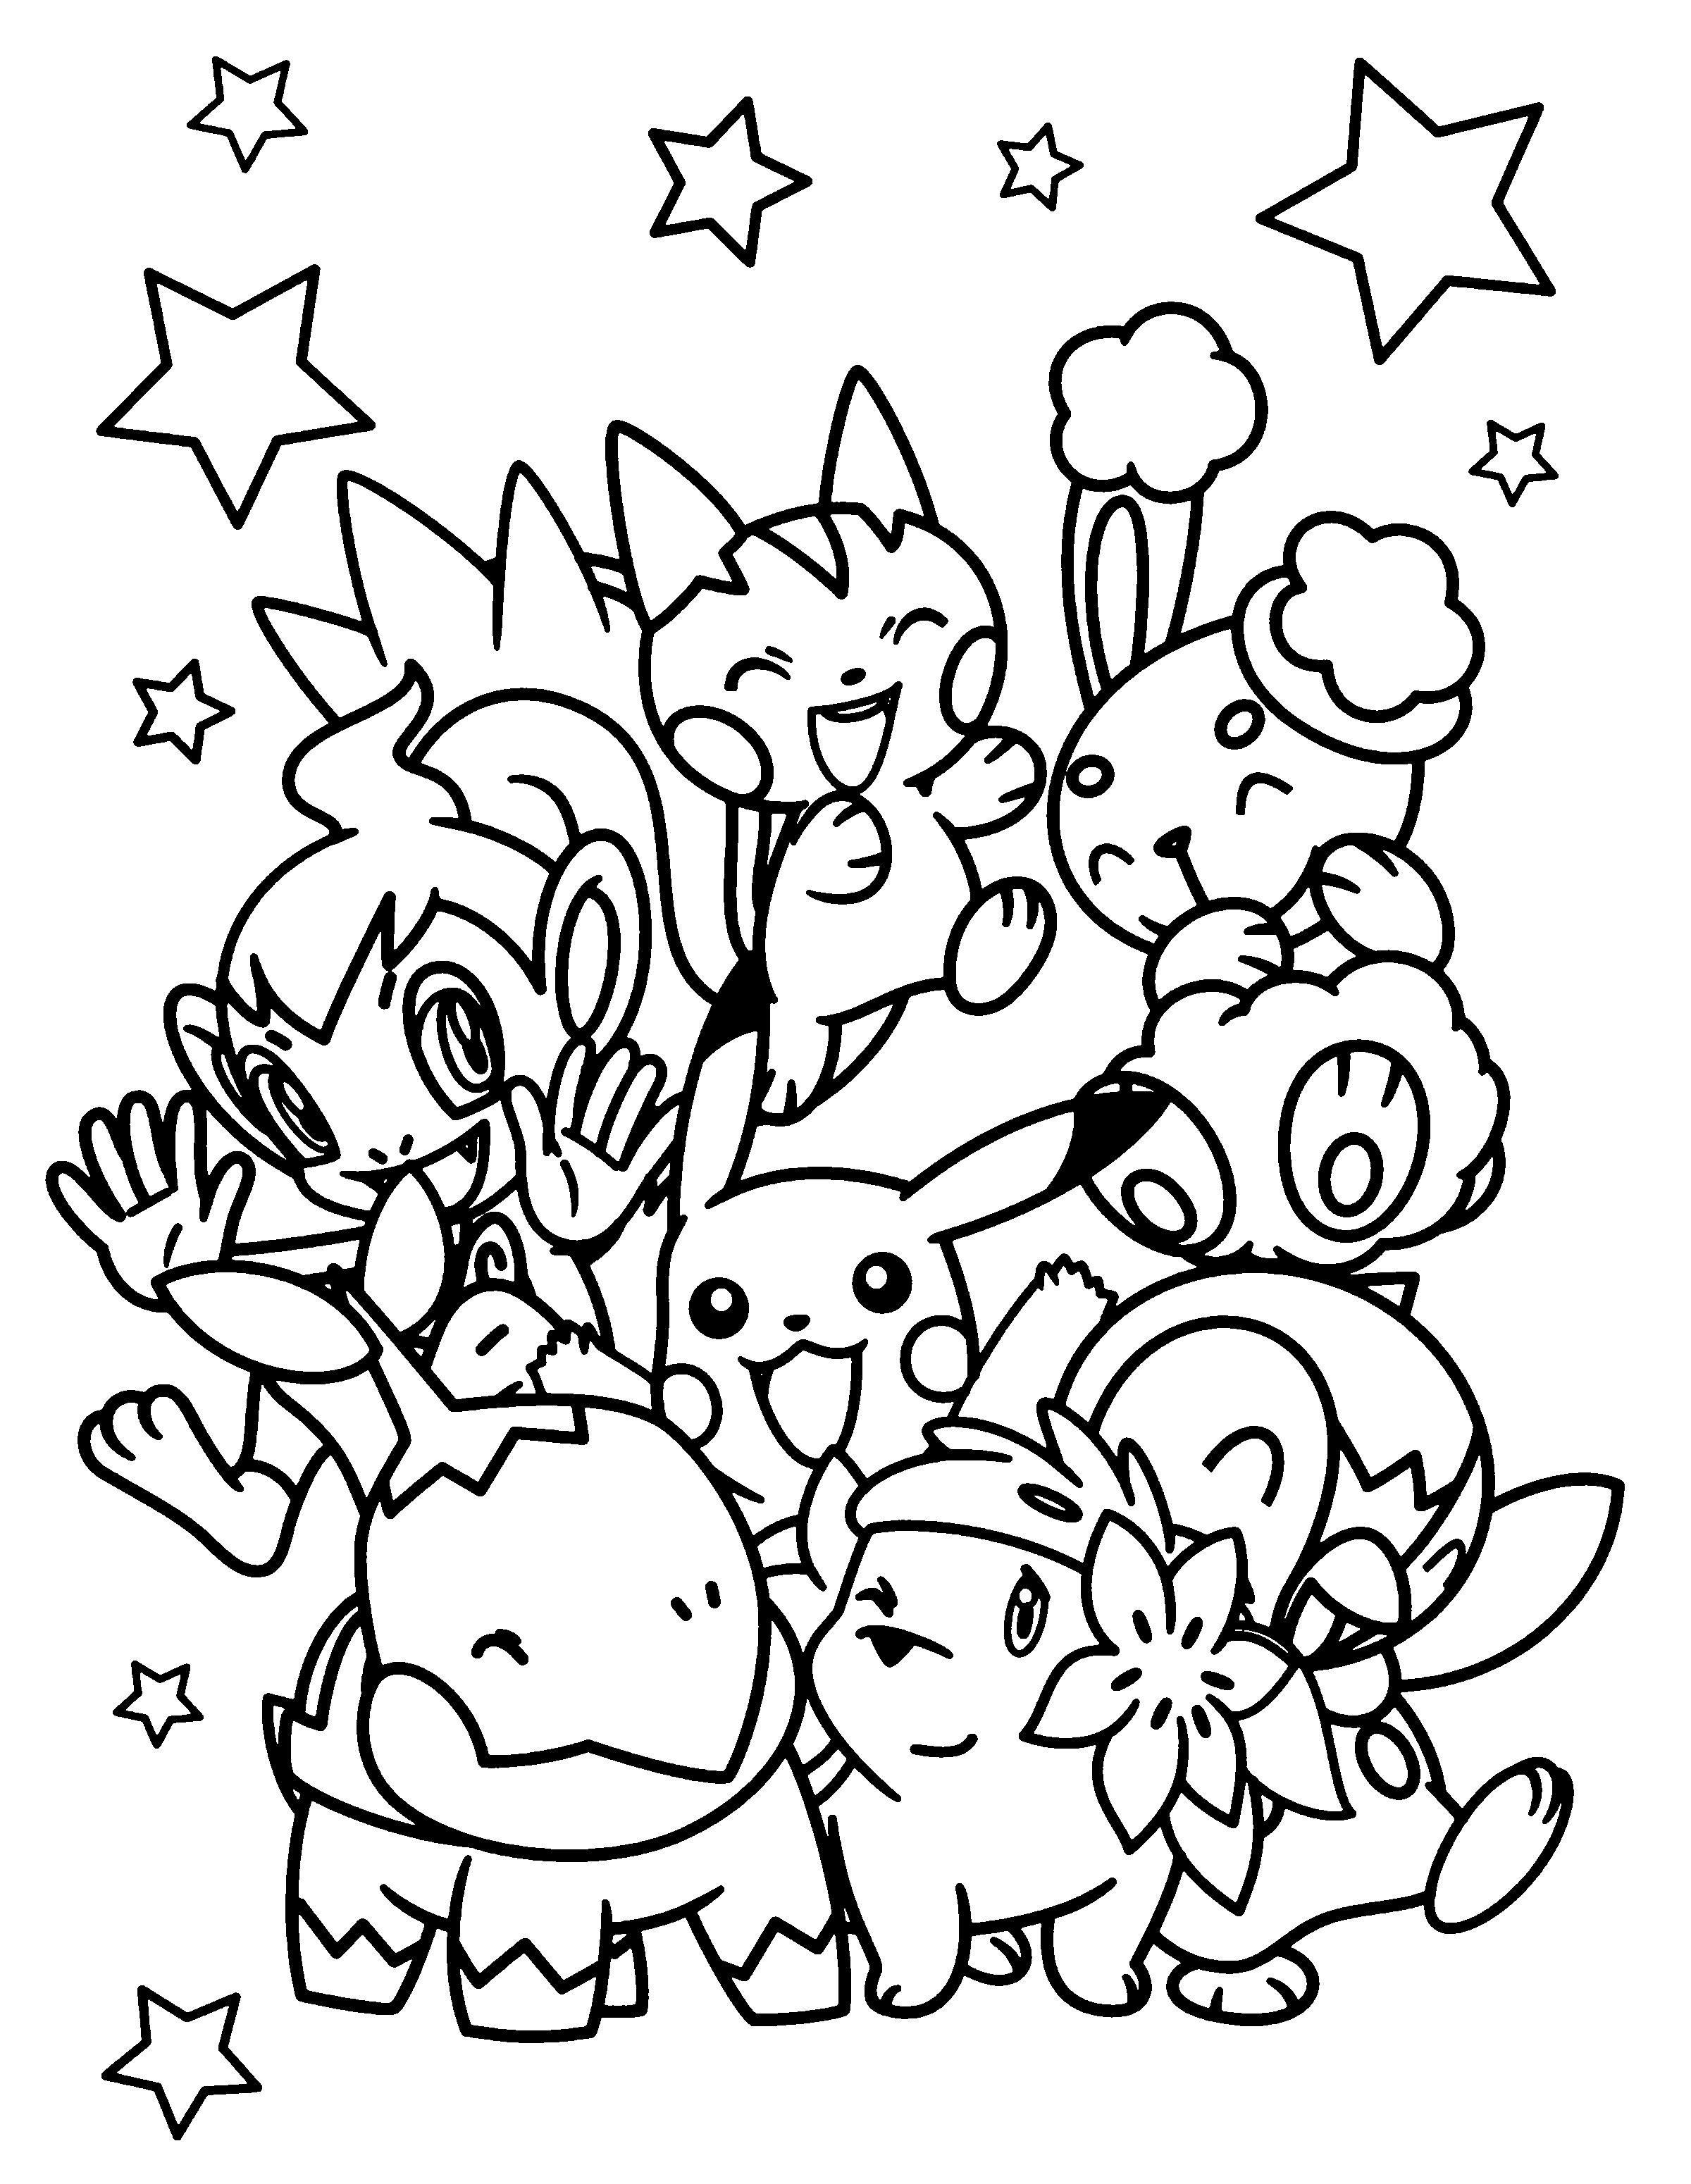 Kleurplaat Wat Een Pokemons Kleurplaten Gratis Kleurplaten Pokemon